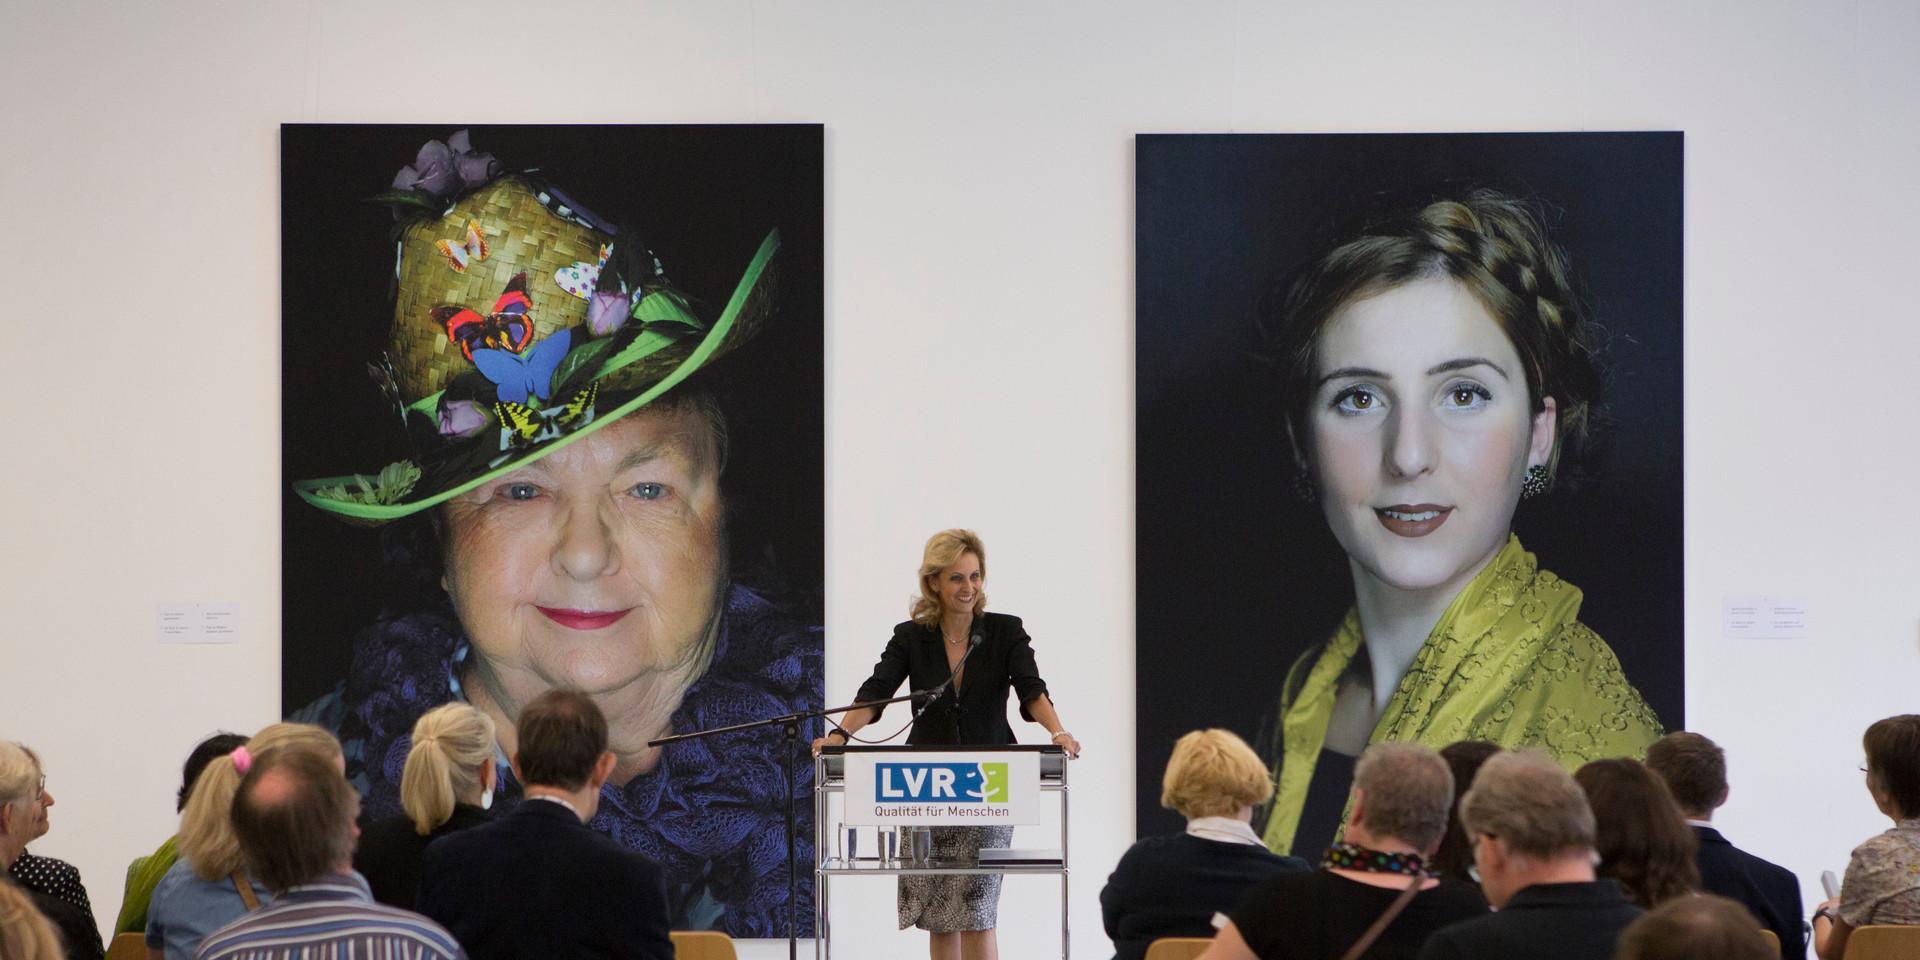 Ulrike Lubeck Direktorin des LVR und Schirmherrin des Projektes